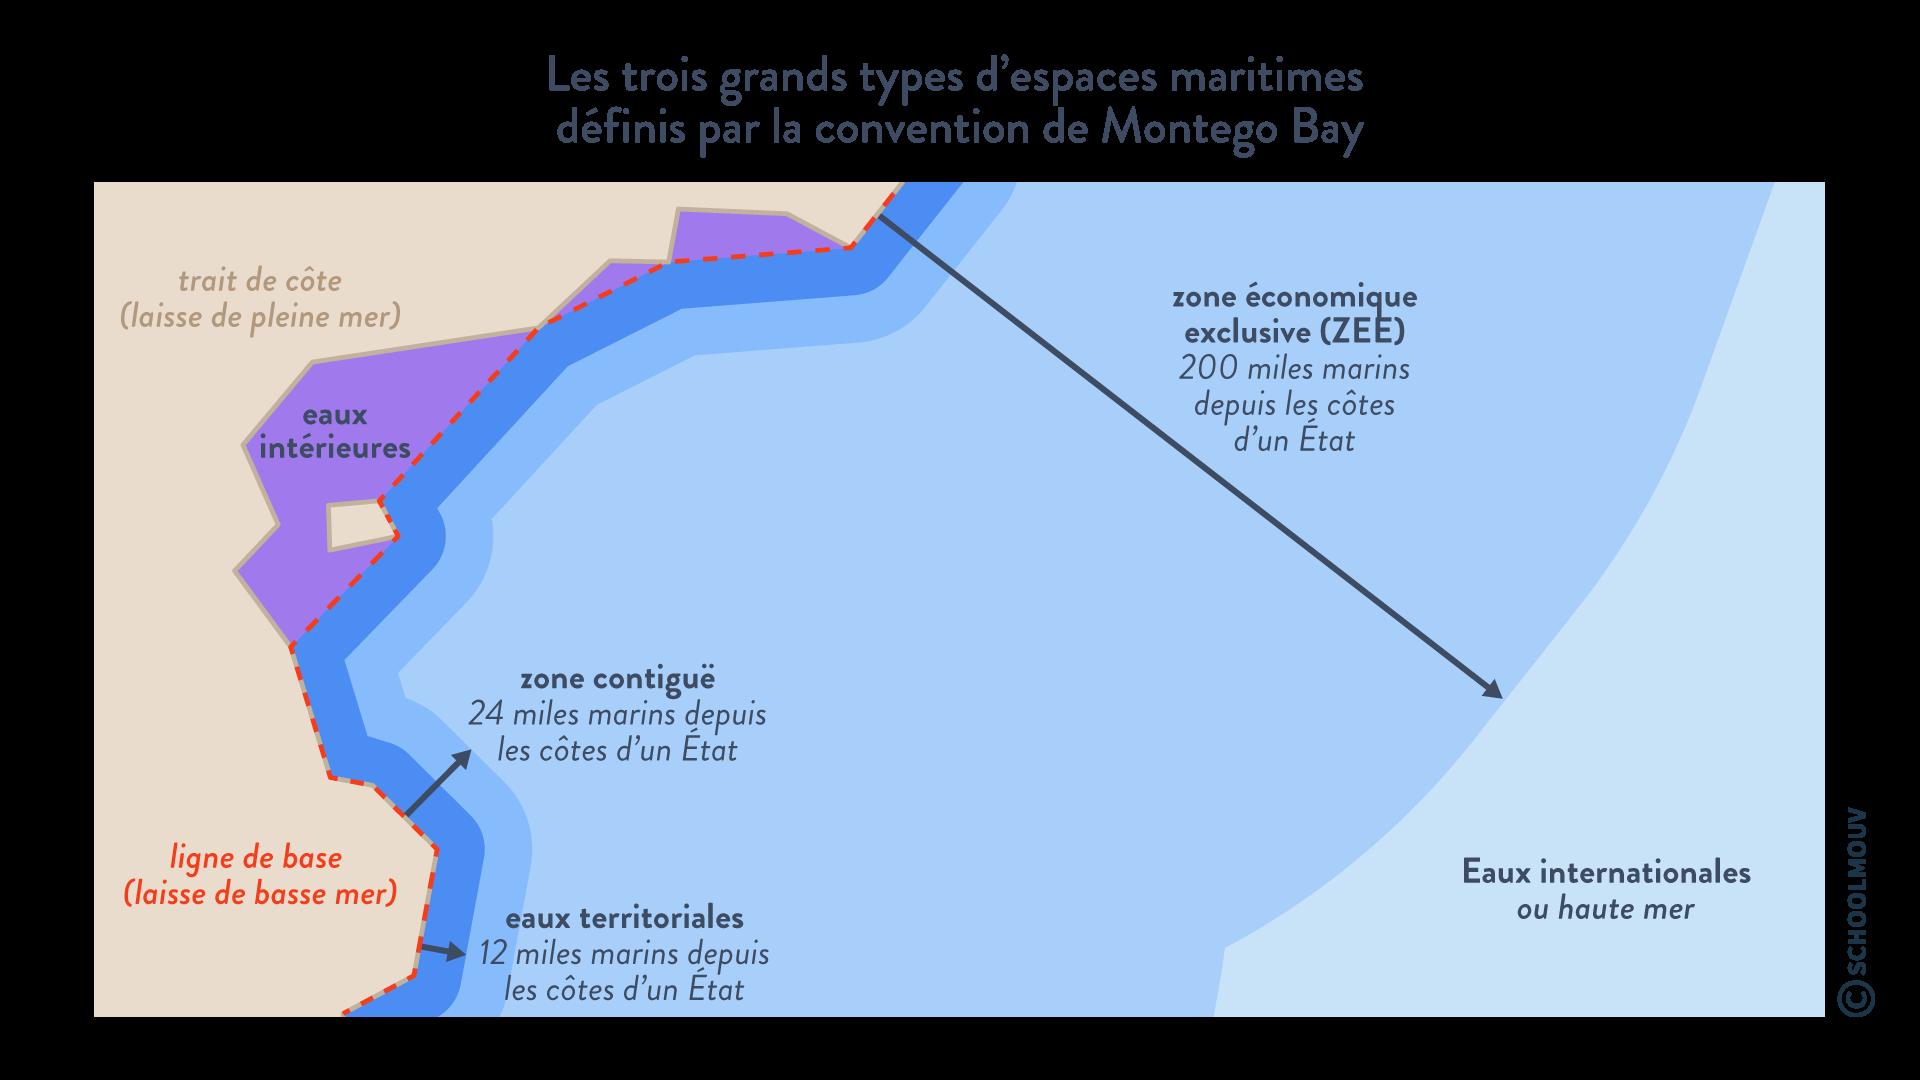 Les trois grands types d'espaces maritimes convention montego bay eaux internationales ZEE zone contiguë eaux territoriales eaux intérieures hggsp histoire géographie géopolitique et sciences politique spécialité terminale